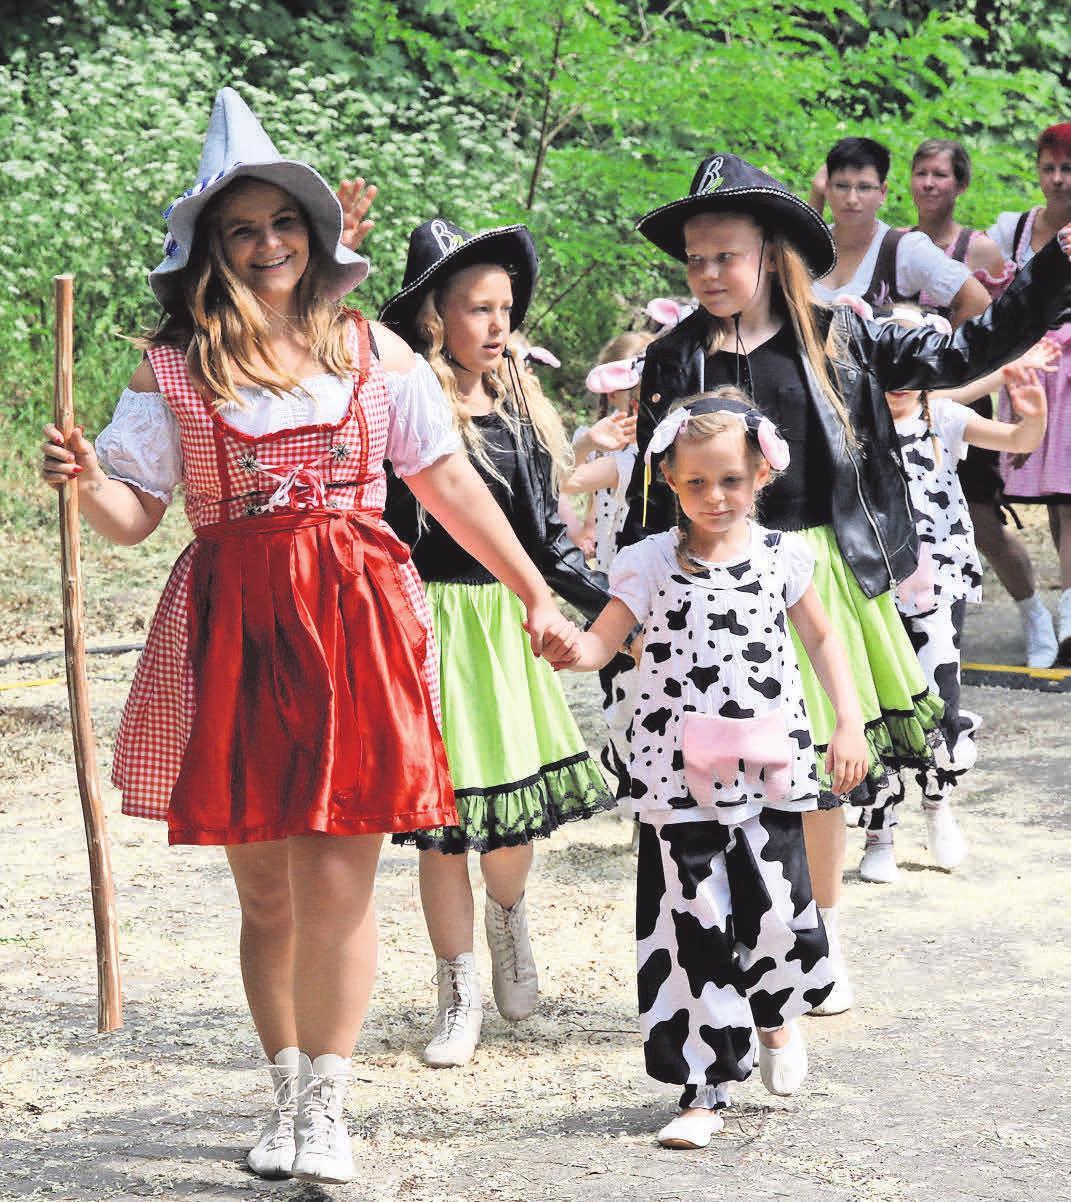 Kinder der Stadt präsentieren ihre Talente bei verschiedenen Darbietungen. Hier die Fliedertänzer in bunten Kostümen.